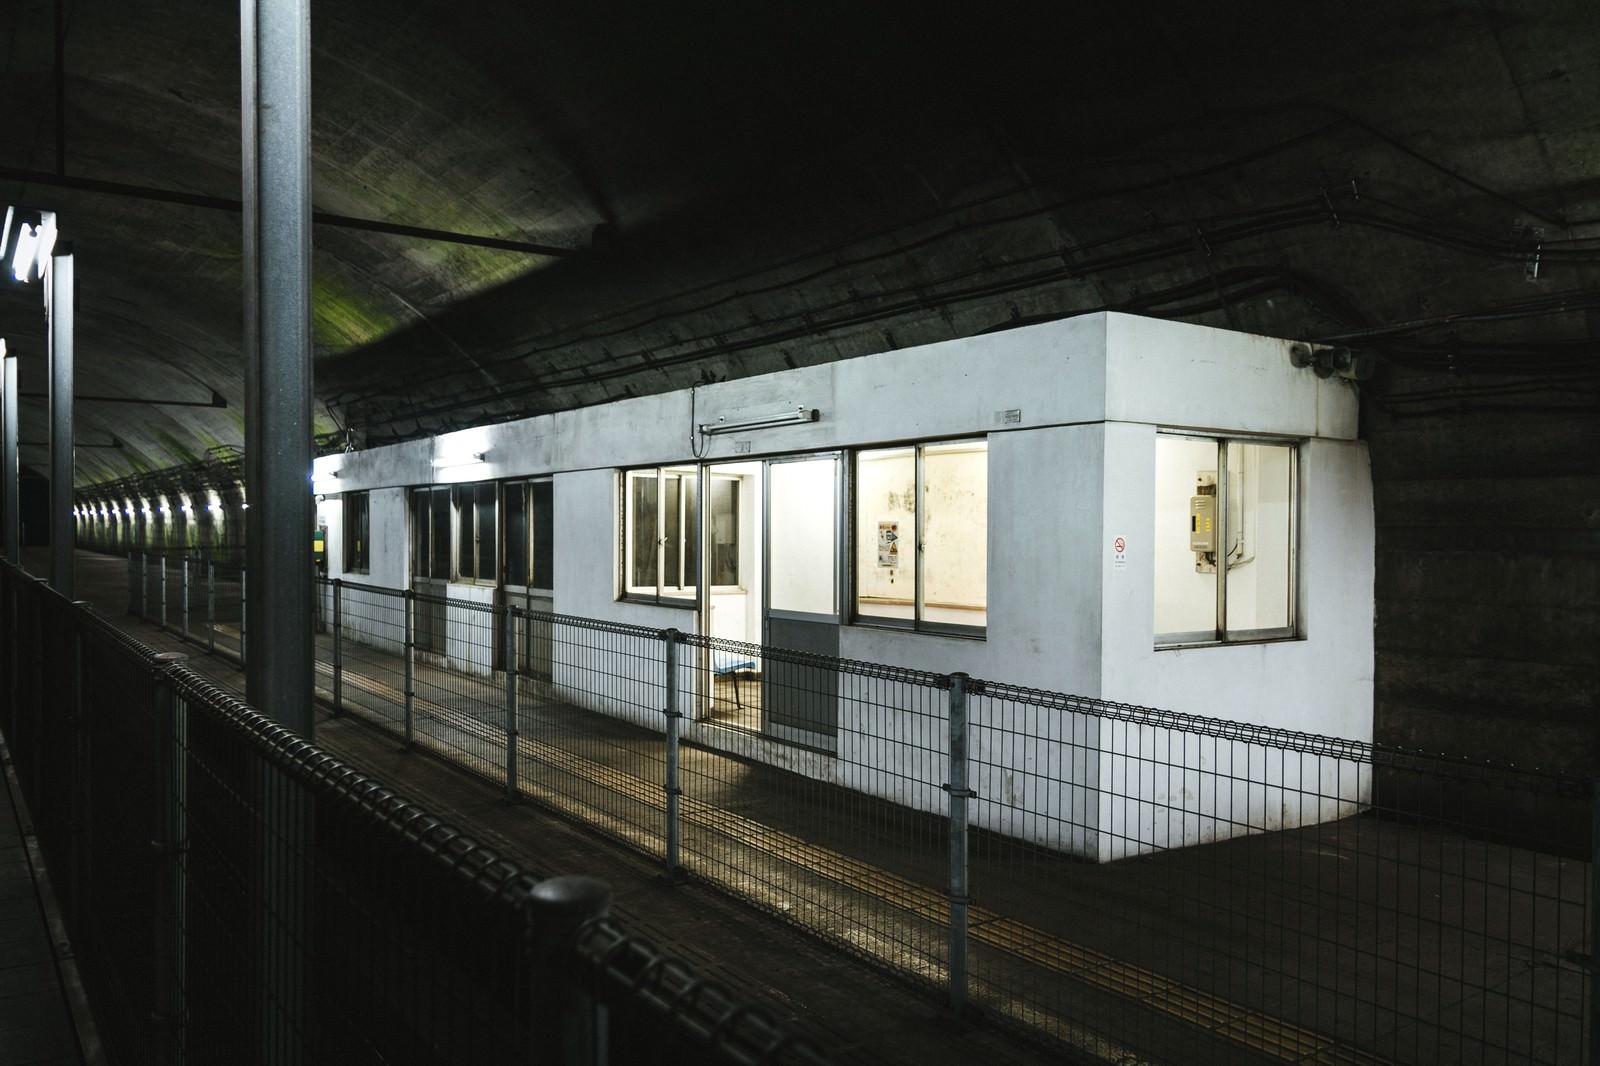 「土合駅地下ホーム待合室」の写真